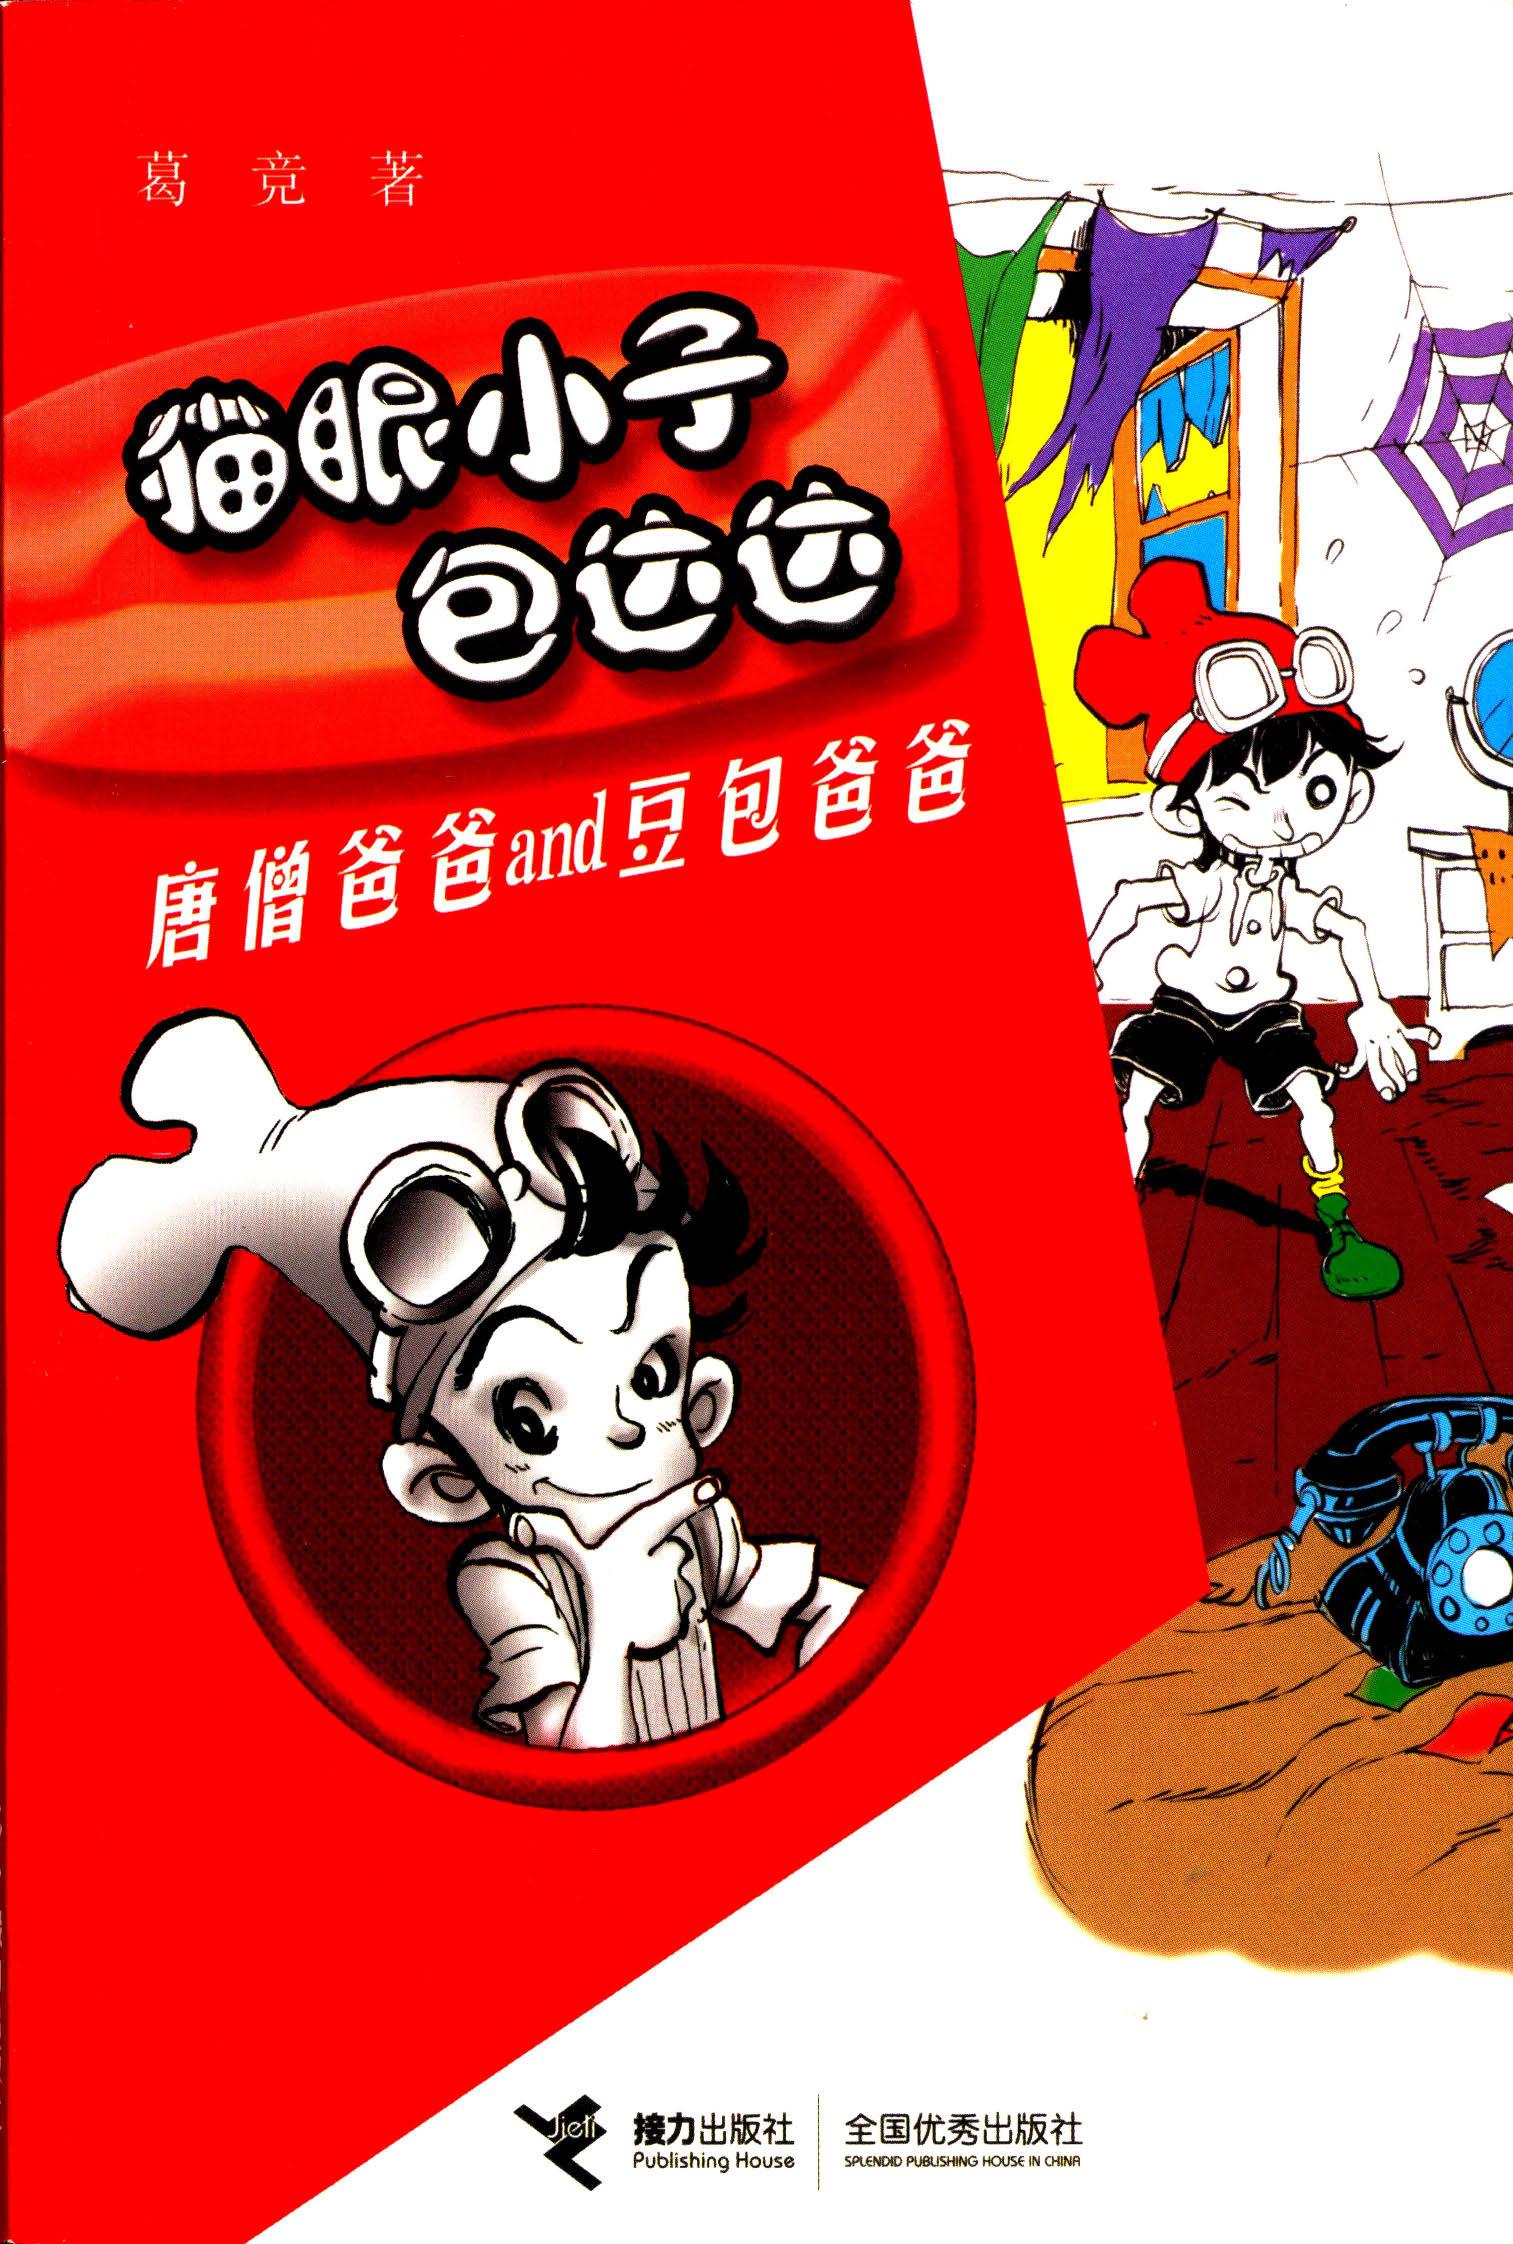 唐僧爸爸and豆包爸爸